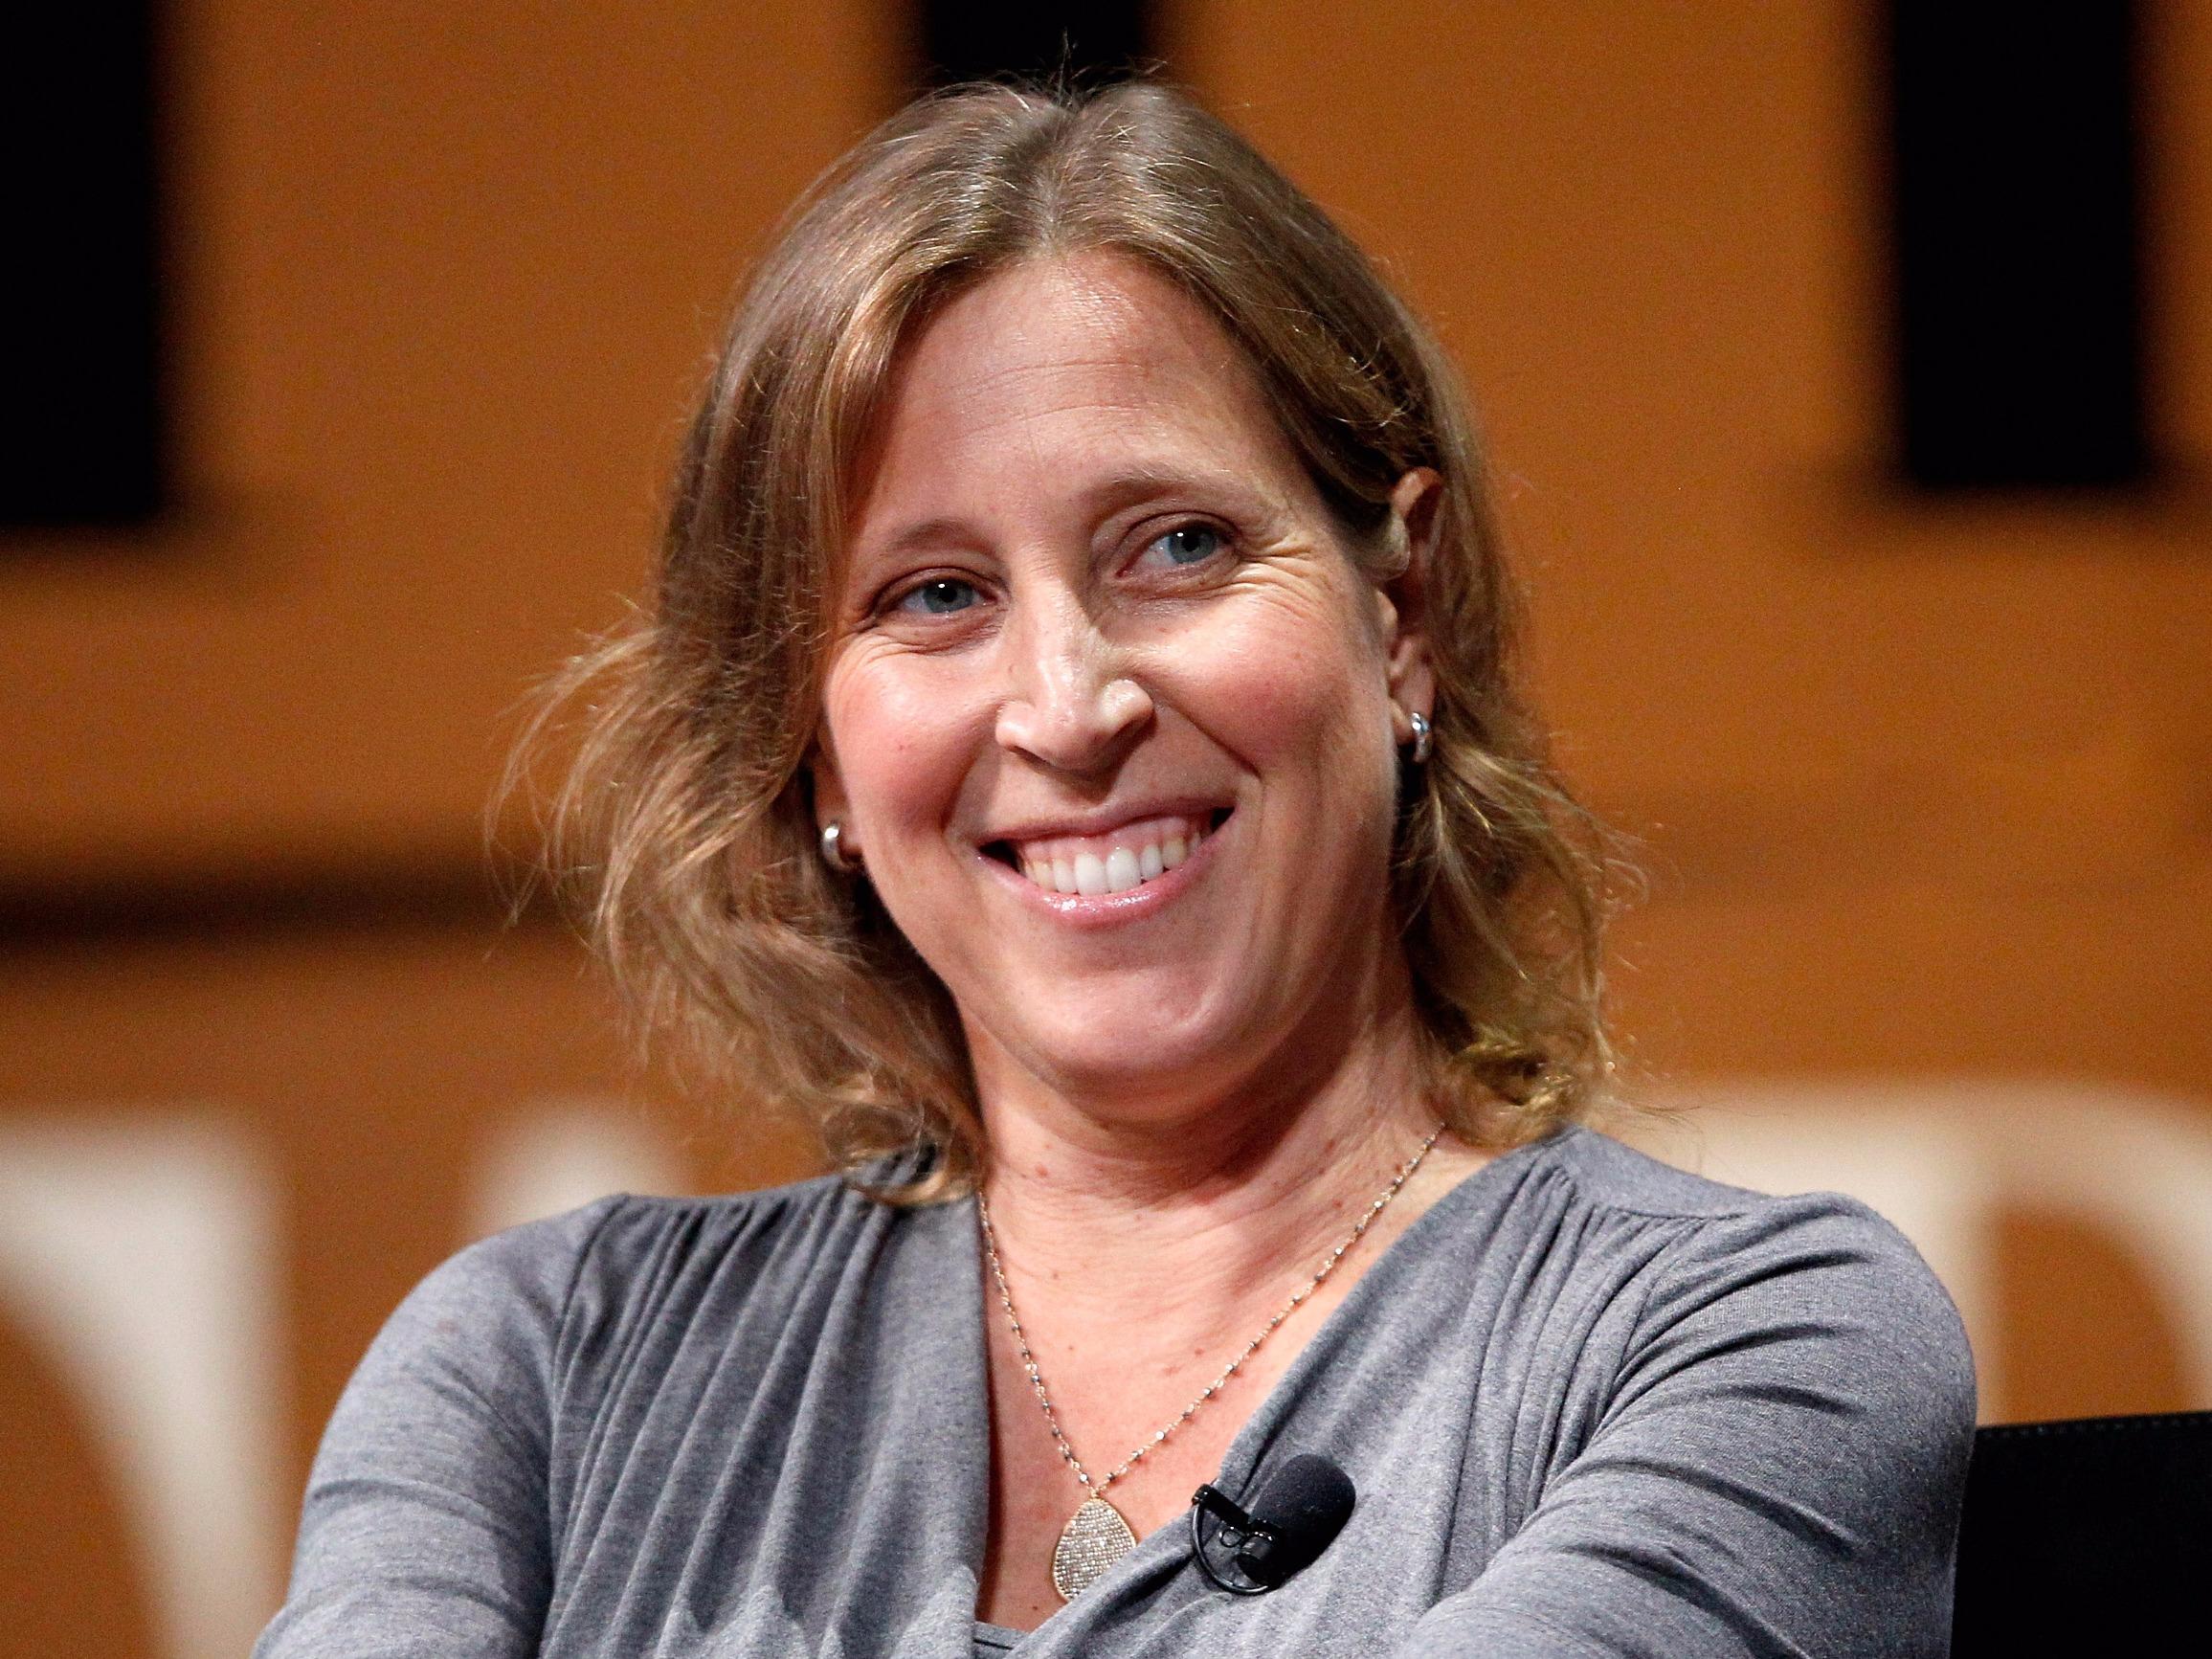 Susan Wojcicki - CEO of YouTube